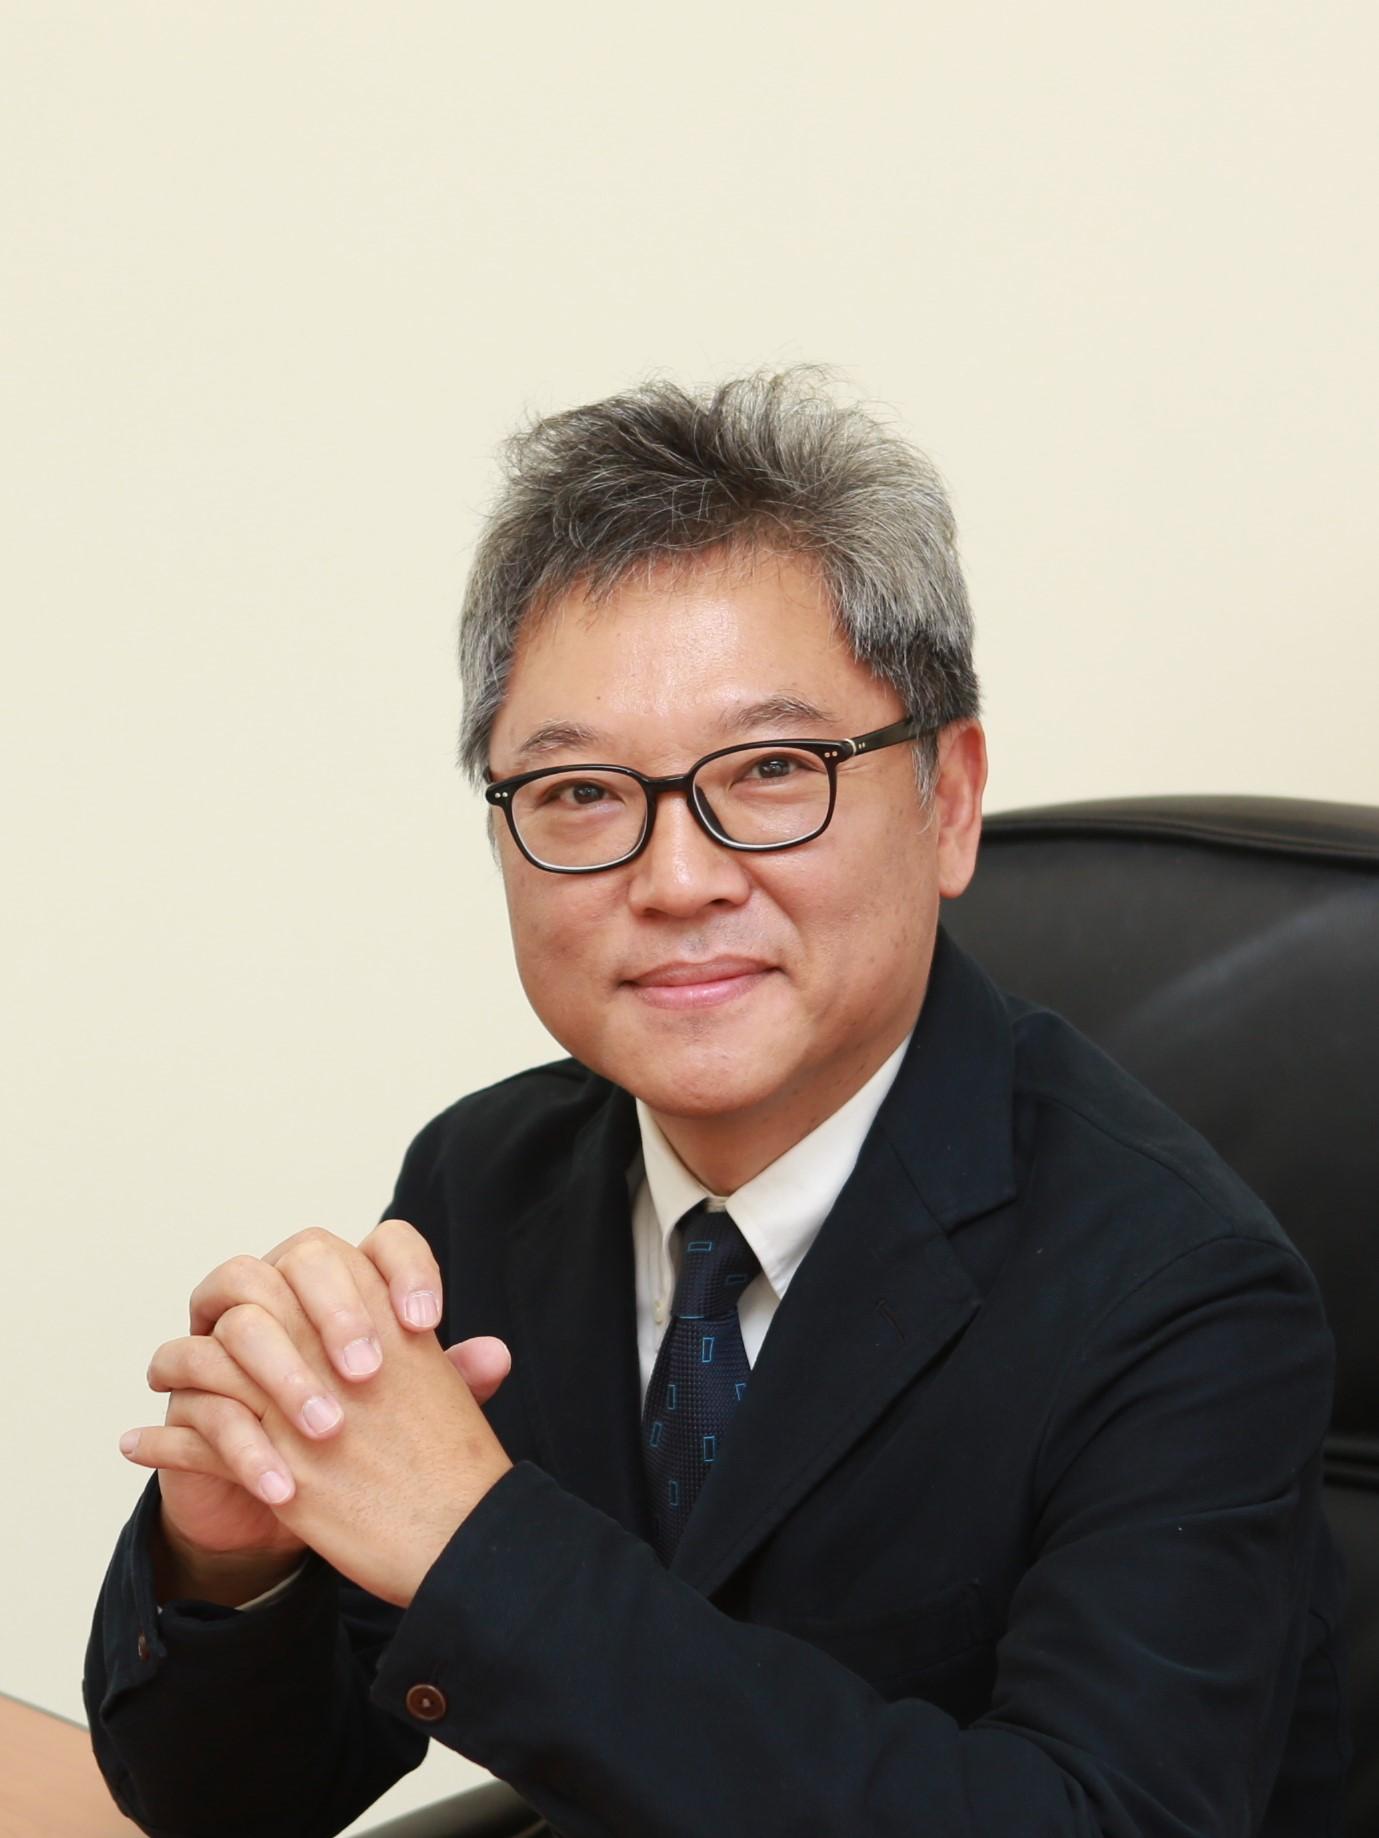 김영훈 프로필 사진